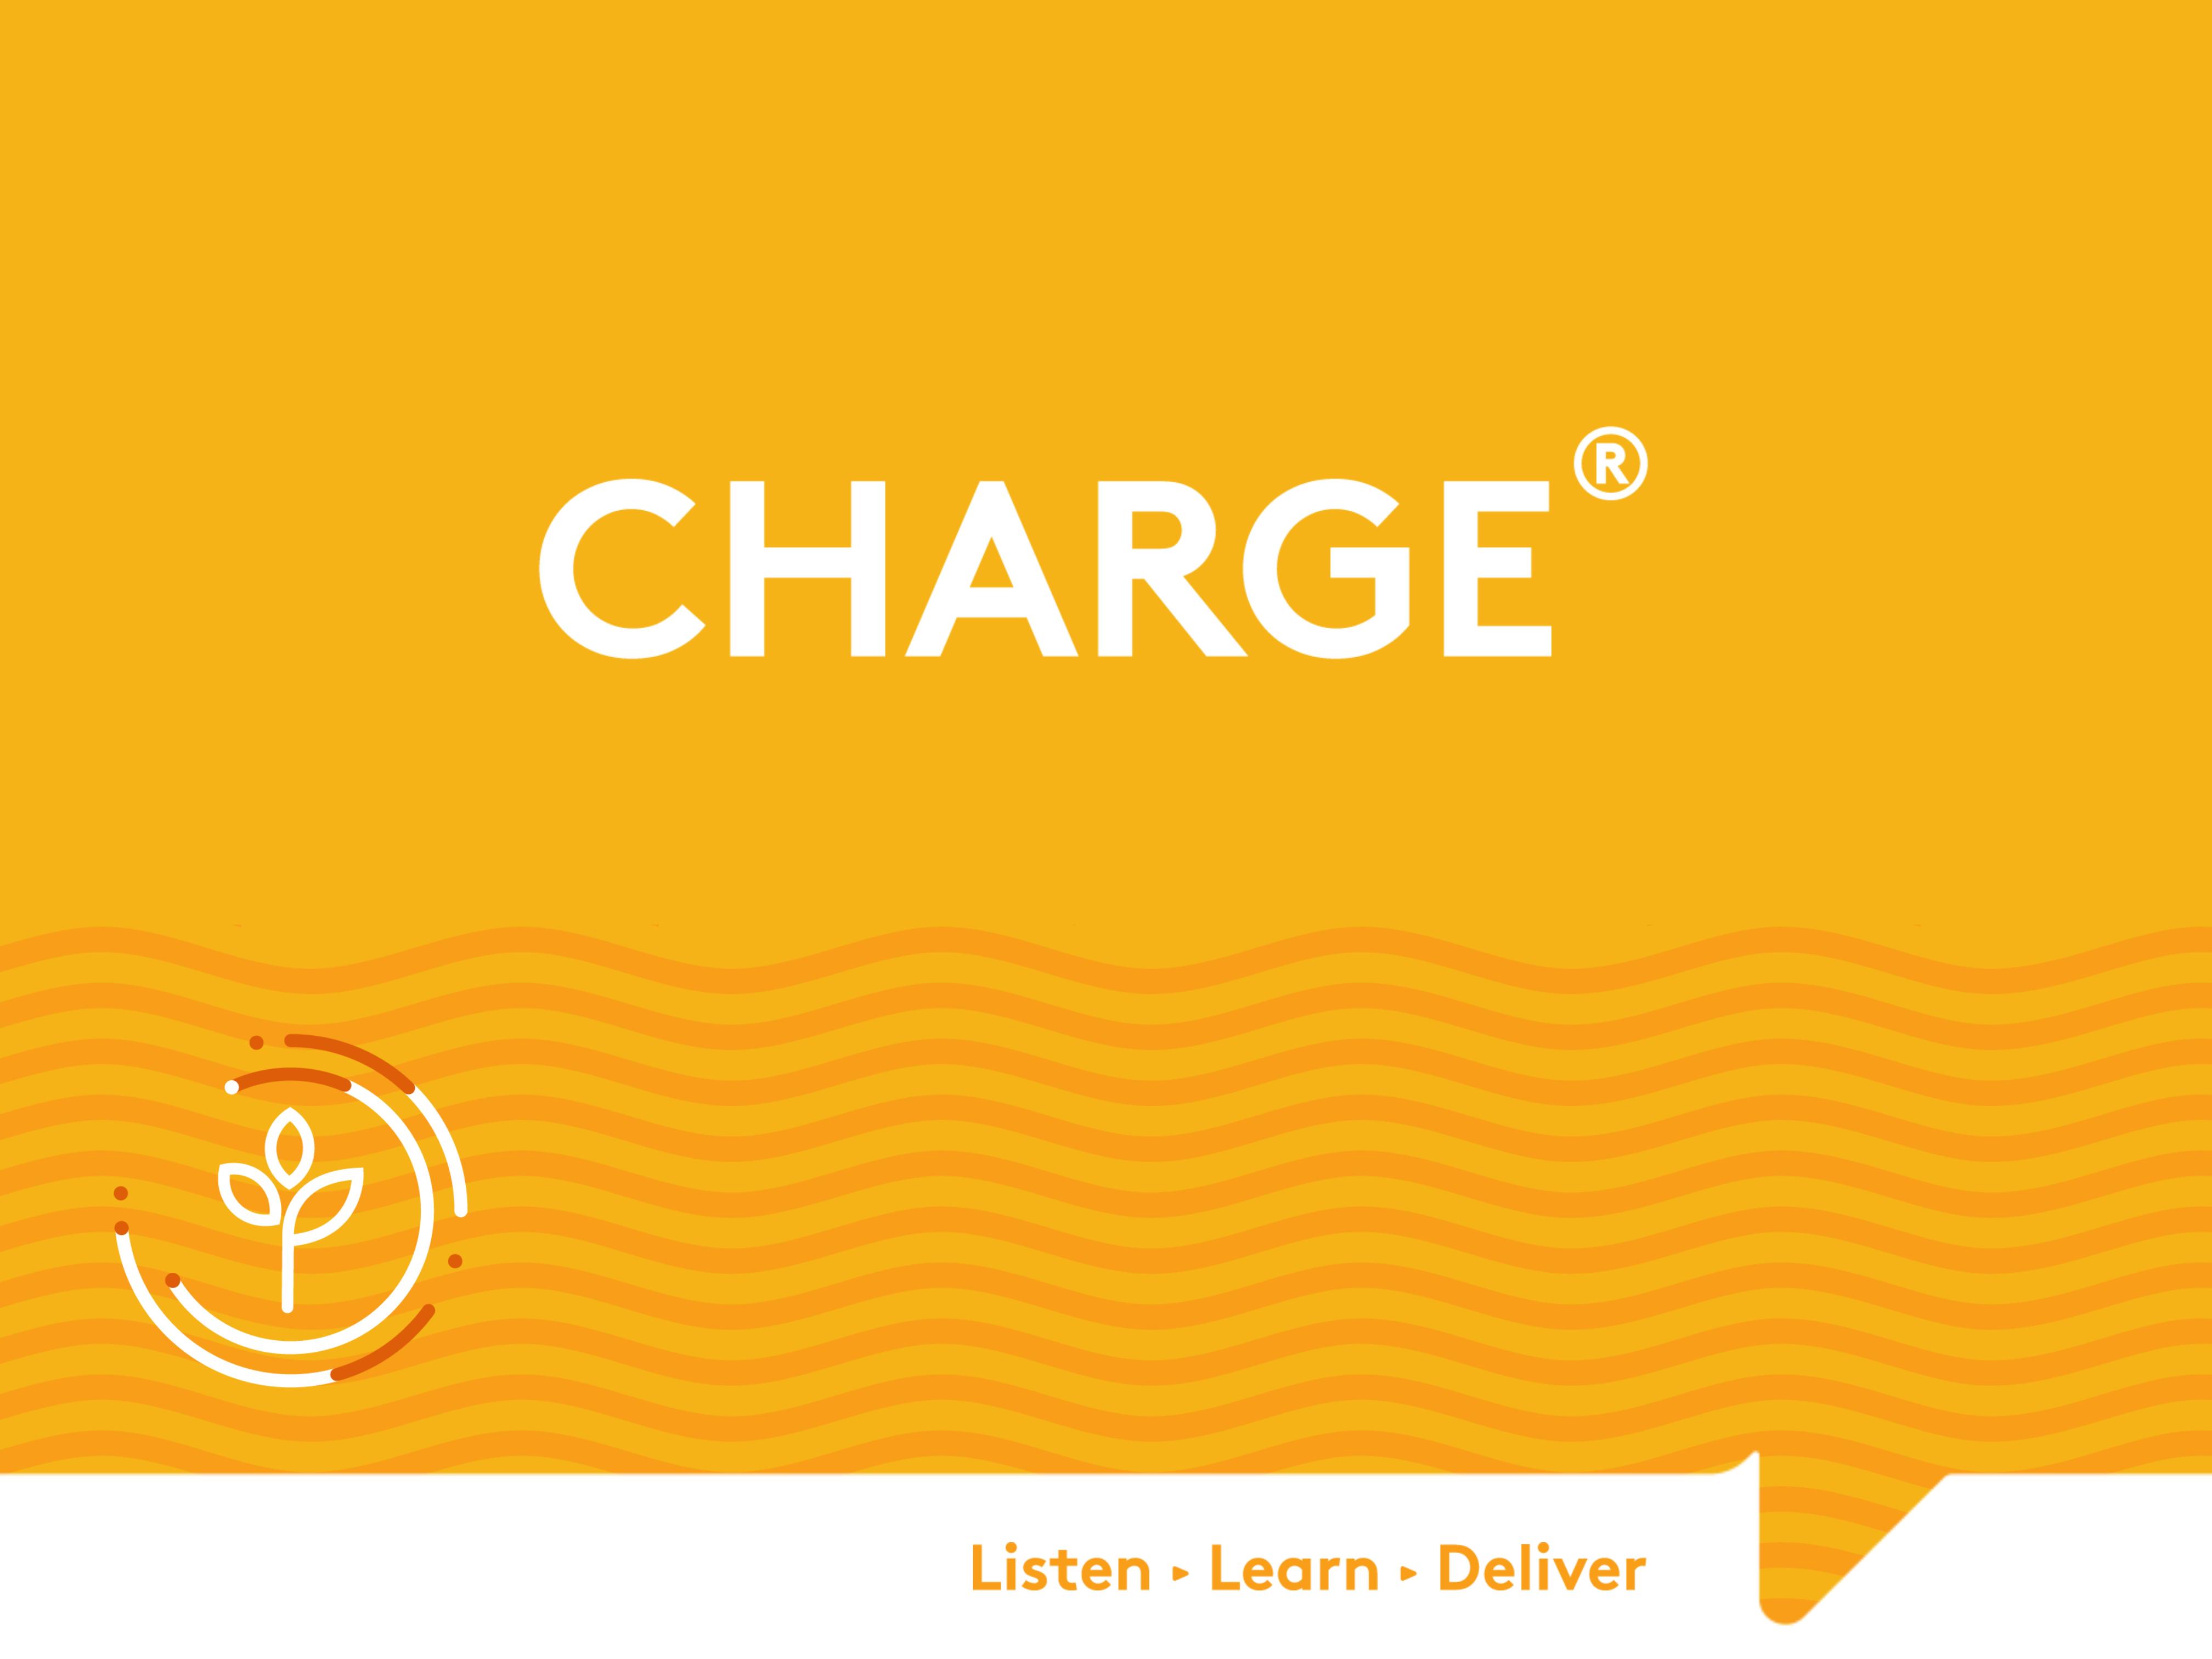 charge photo